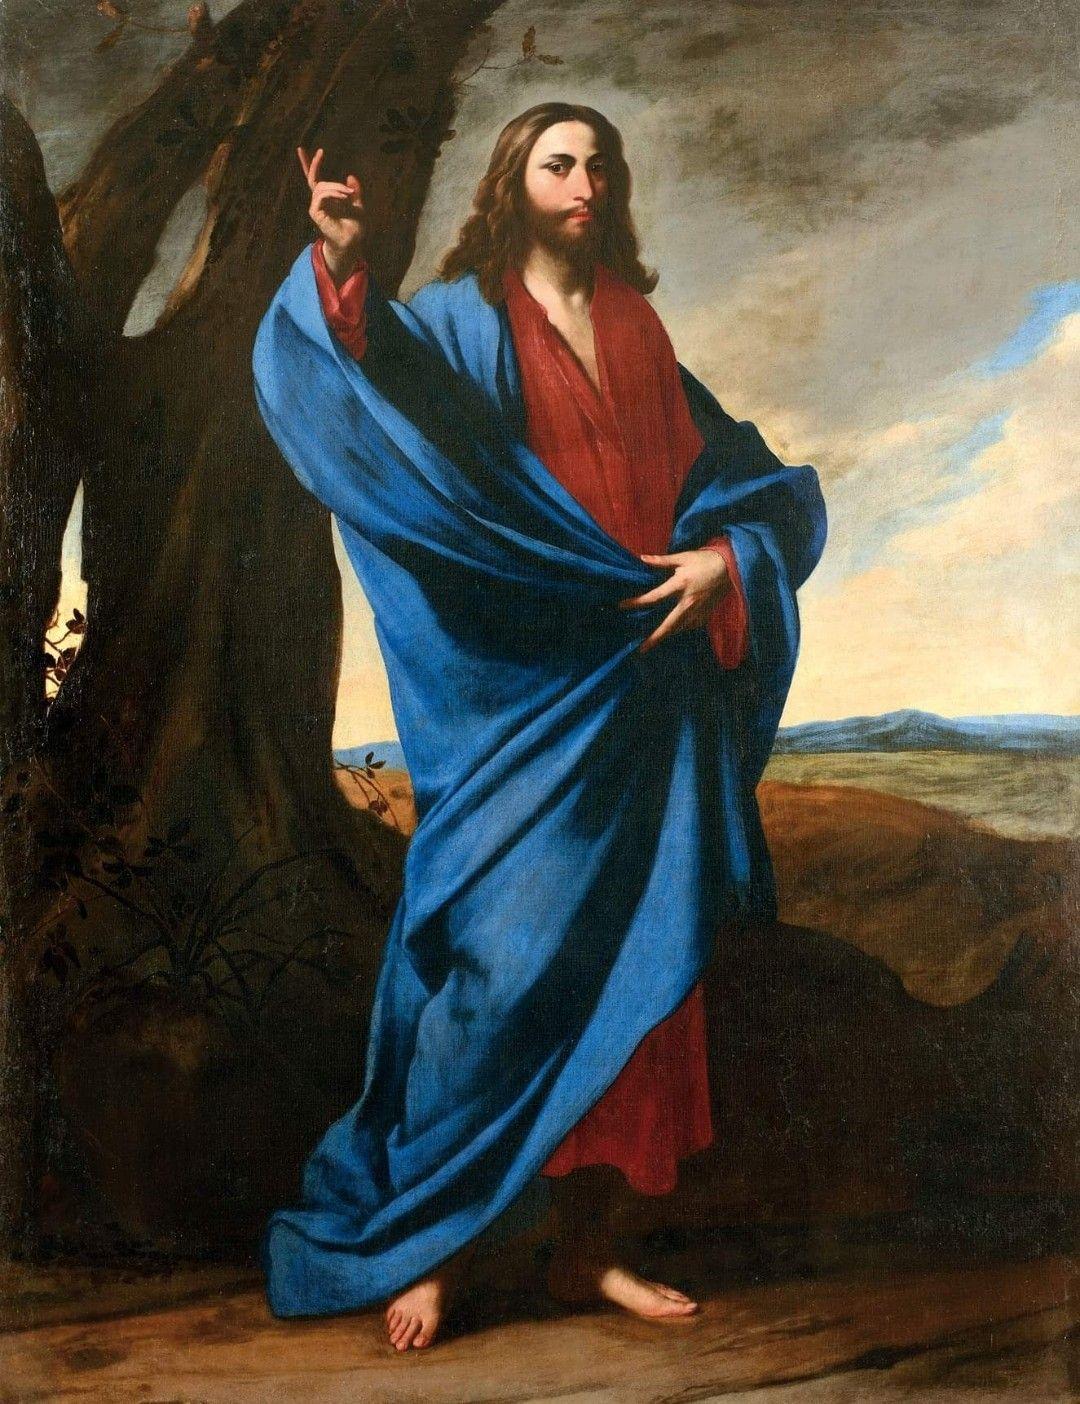 Фото икон христа из третьяковской галереи людей посещают